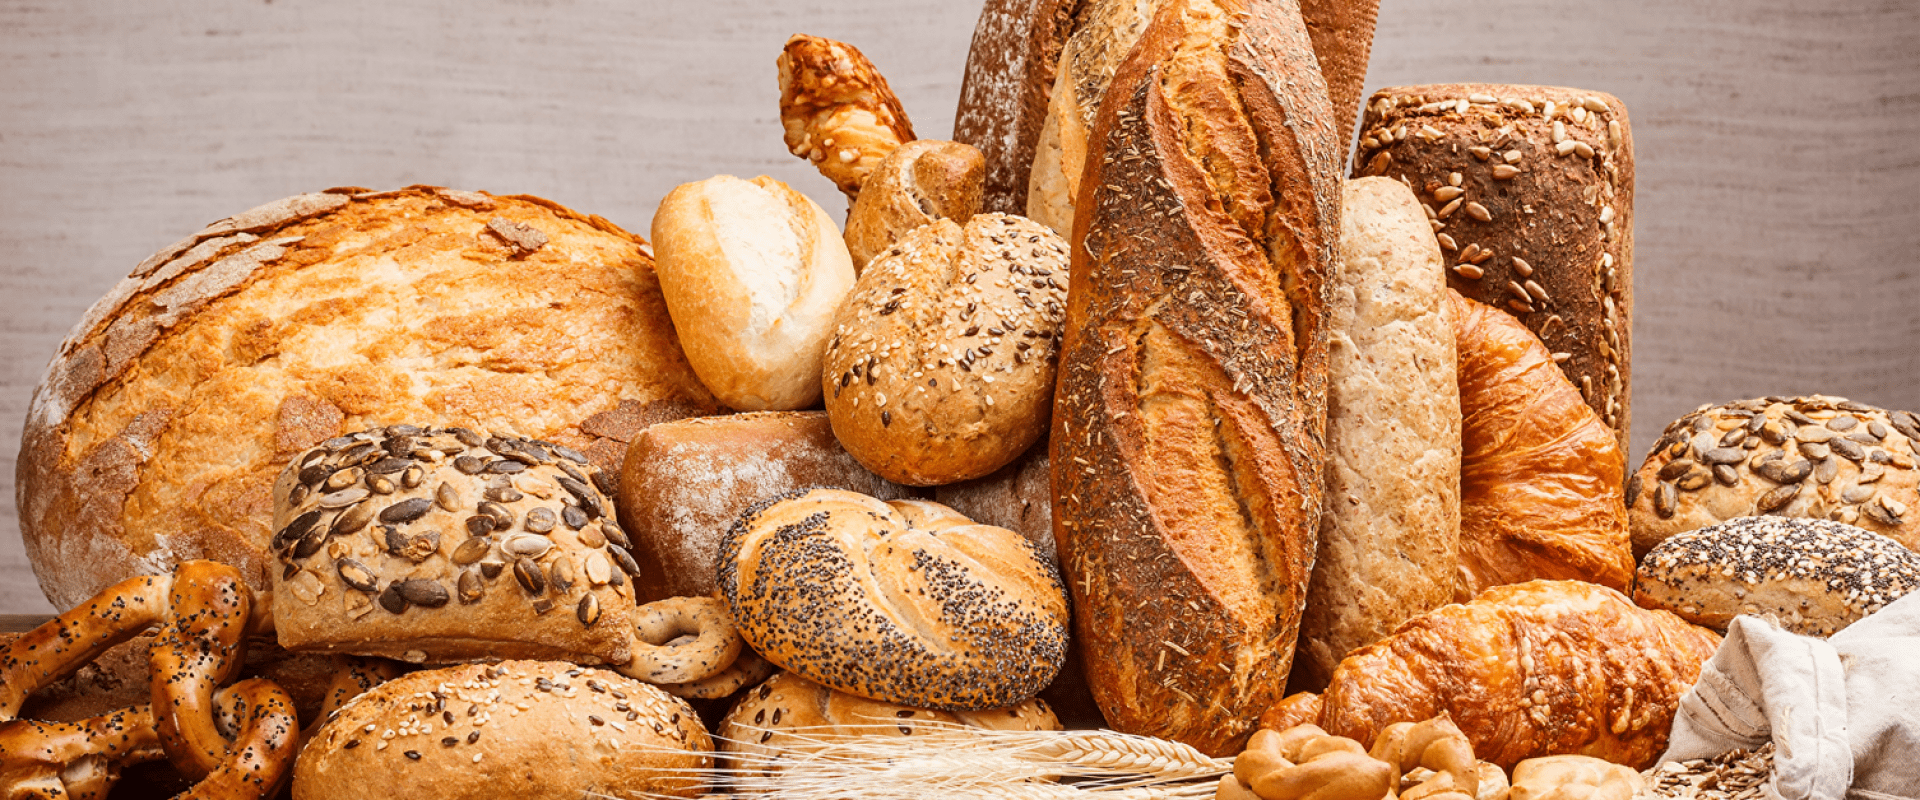 Brødkasse eller køleskab? Sådan bør du opbevare brød